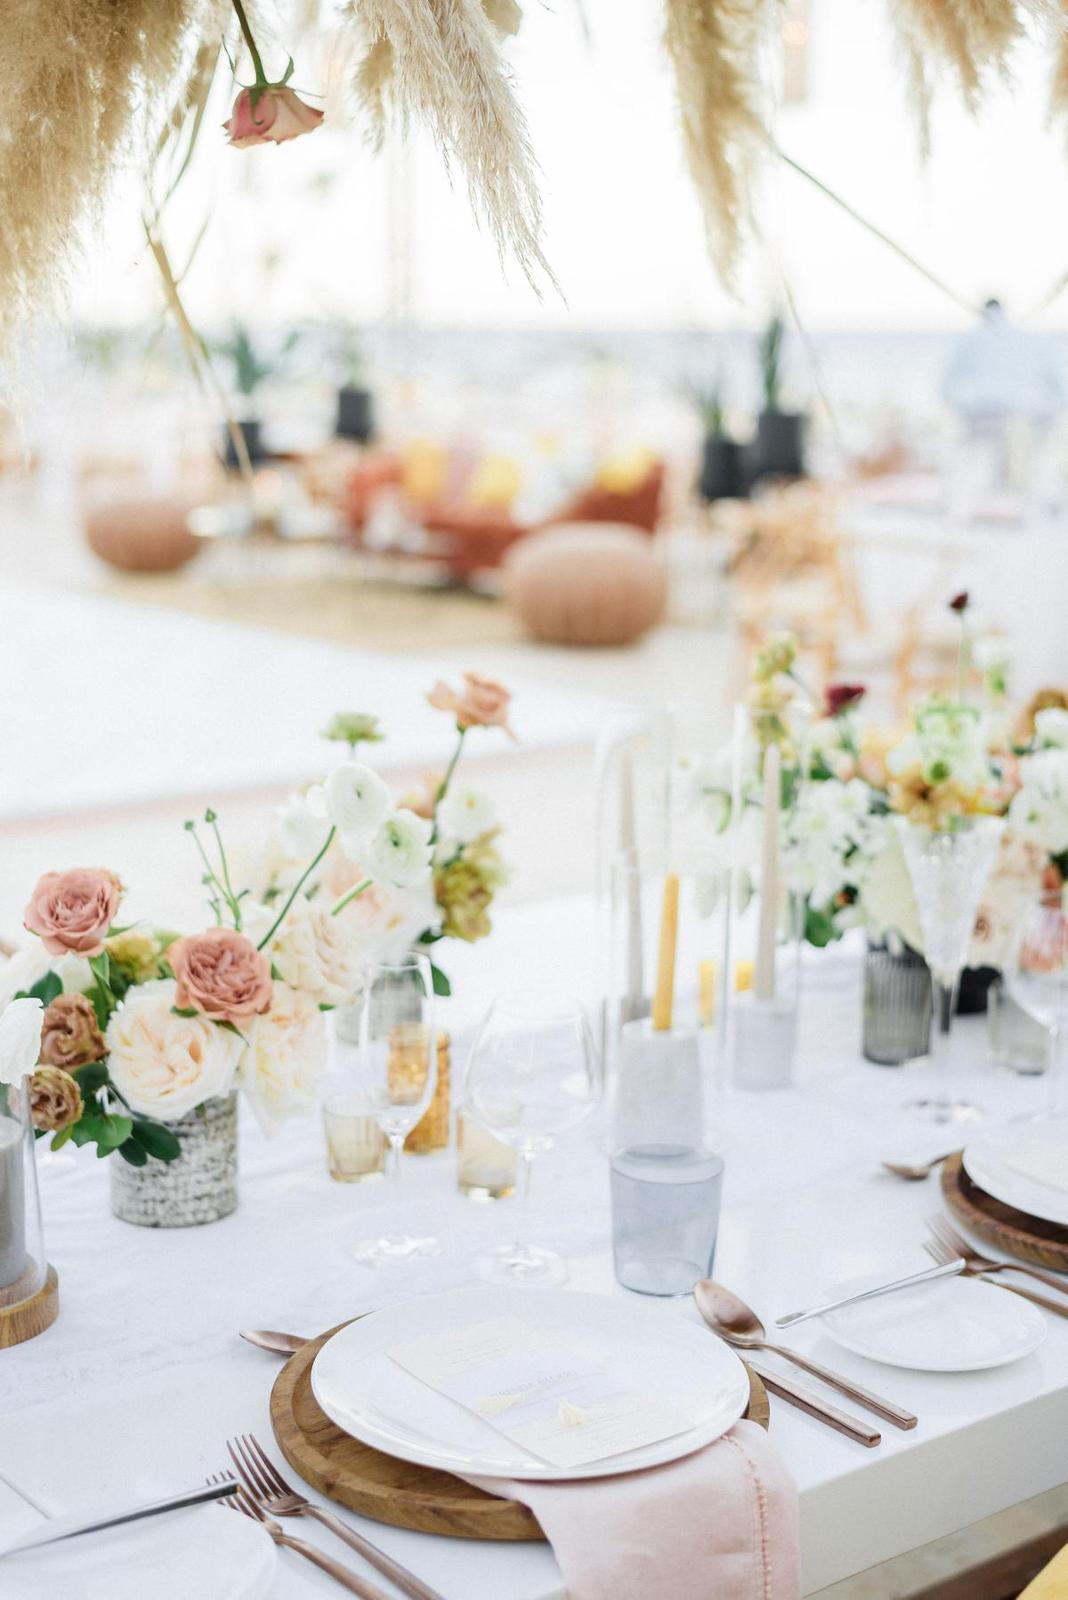 Inšpirácie na svadobné stolovovanie - Obrázok č. 40